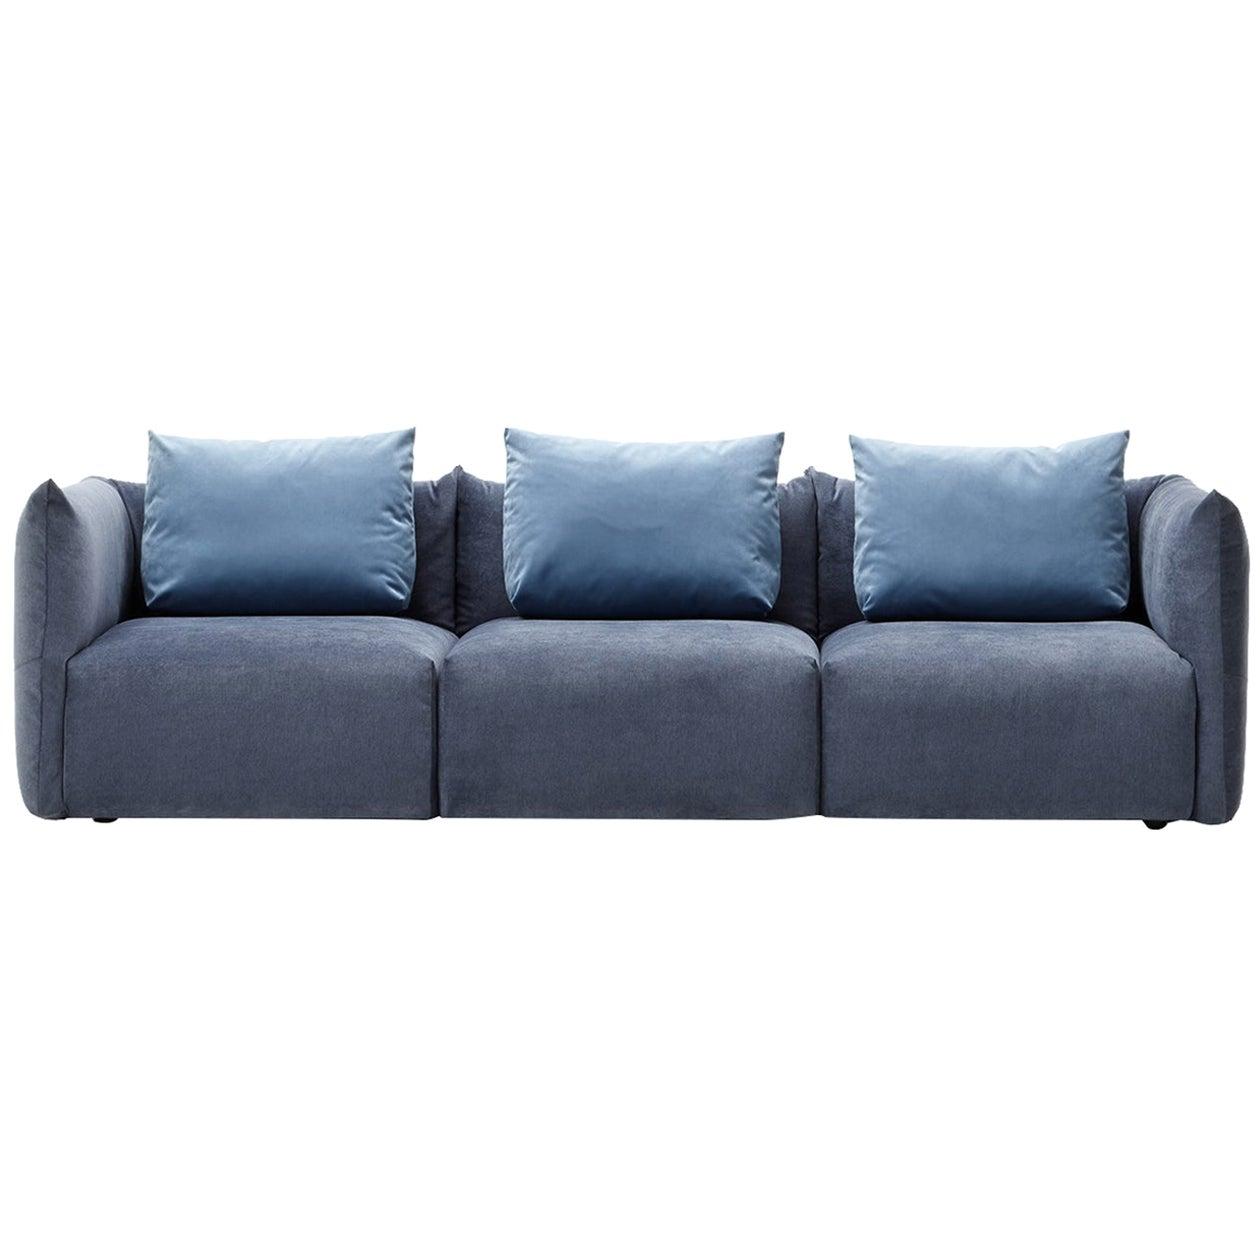 Buddy 3-Seat Modular Sofa